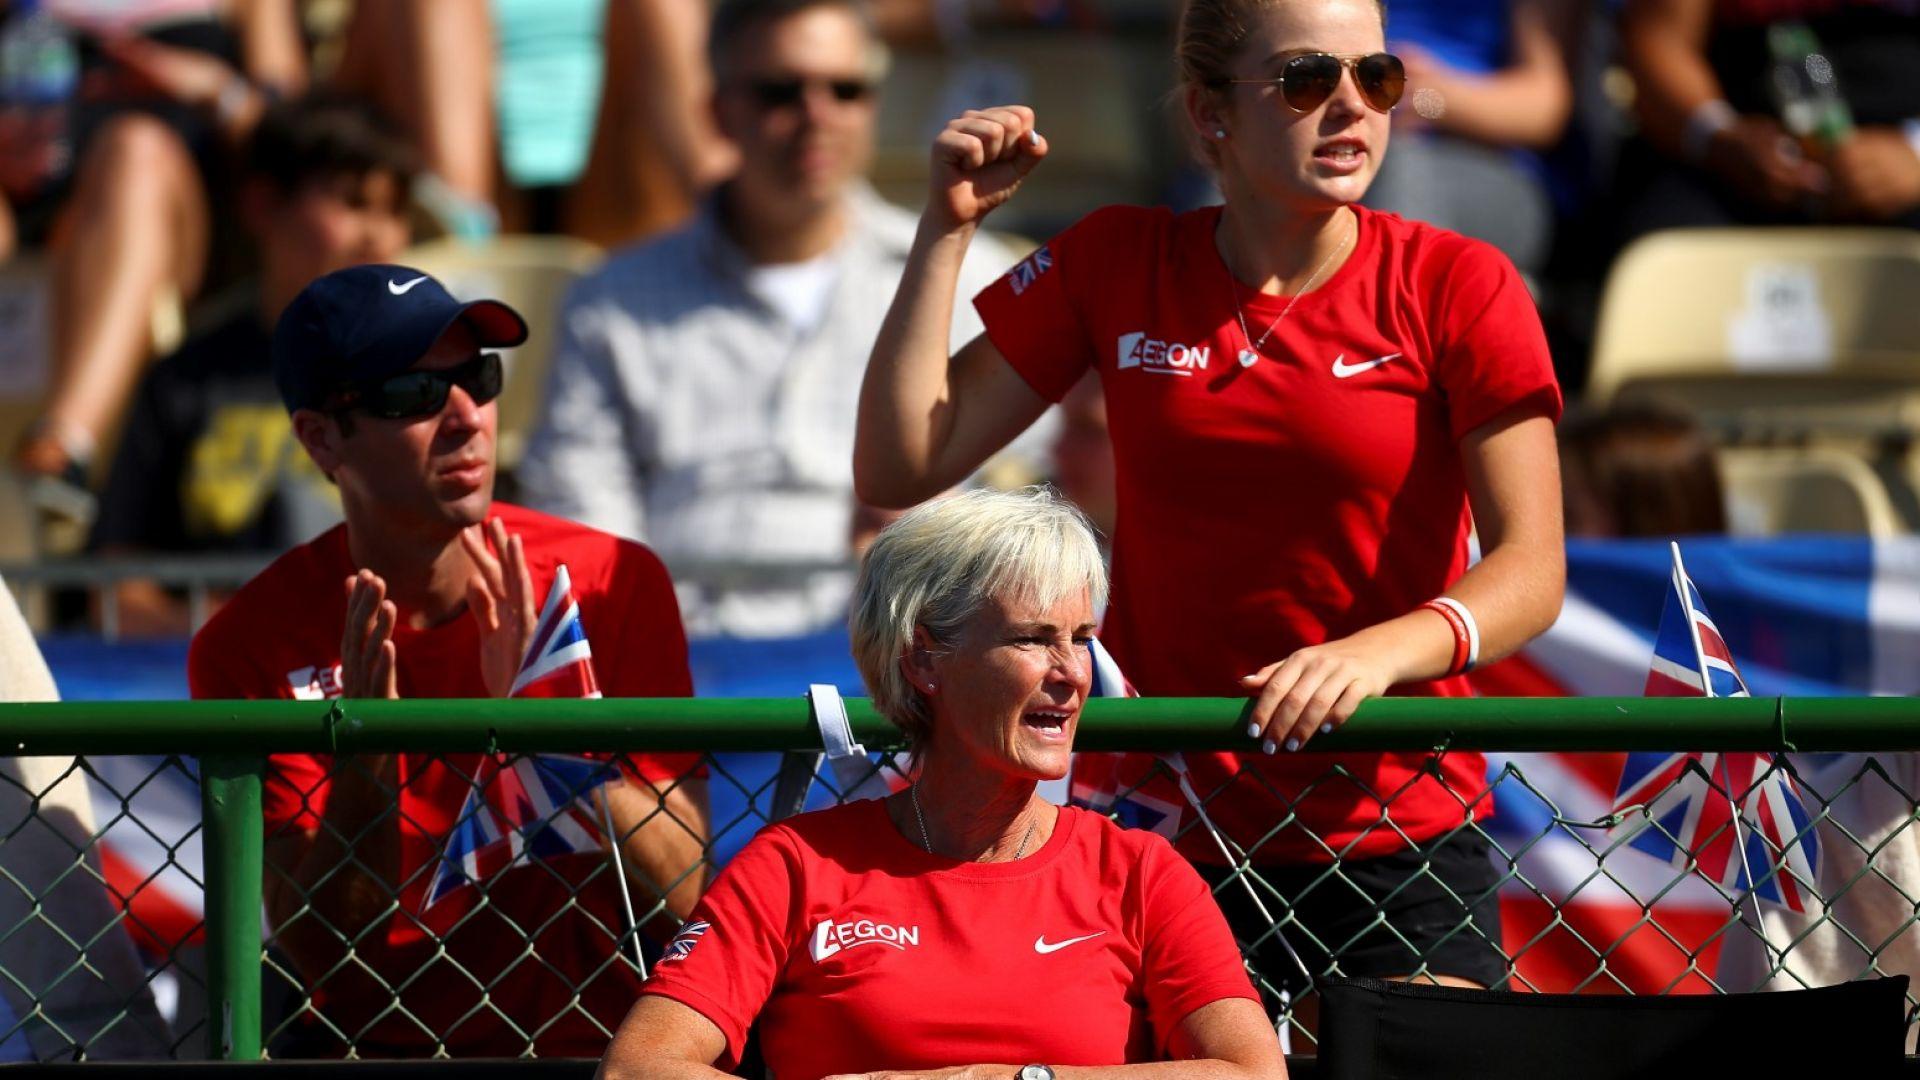 Федерацията по тенис обяви война на непристойното поведение край корта